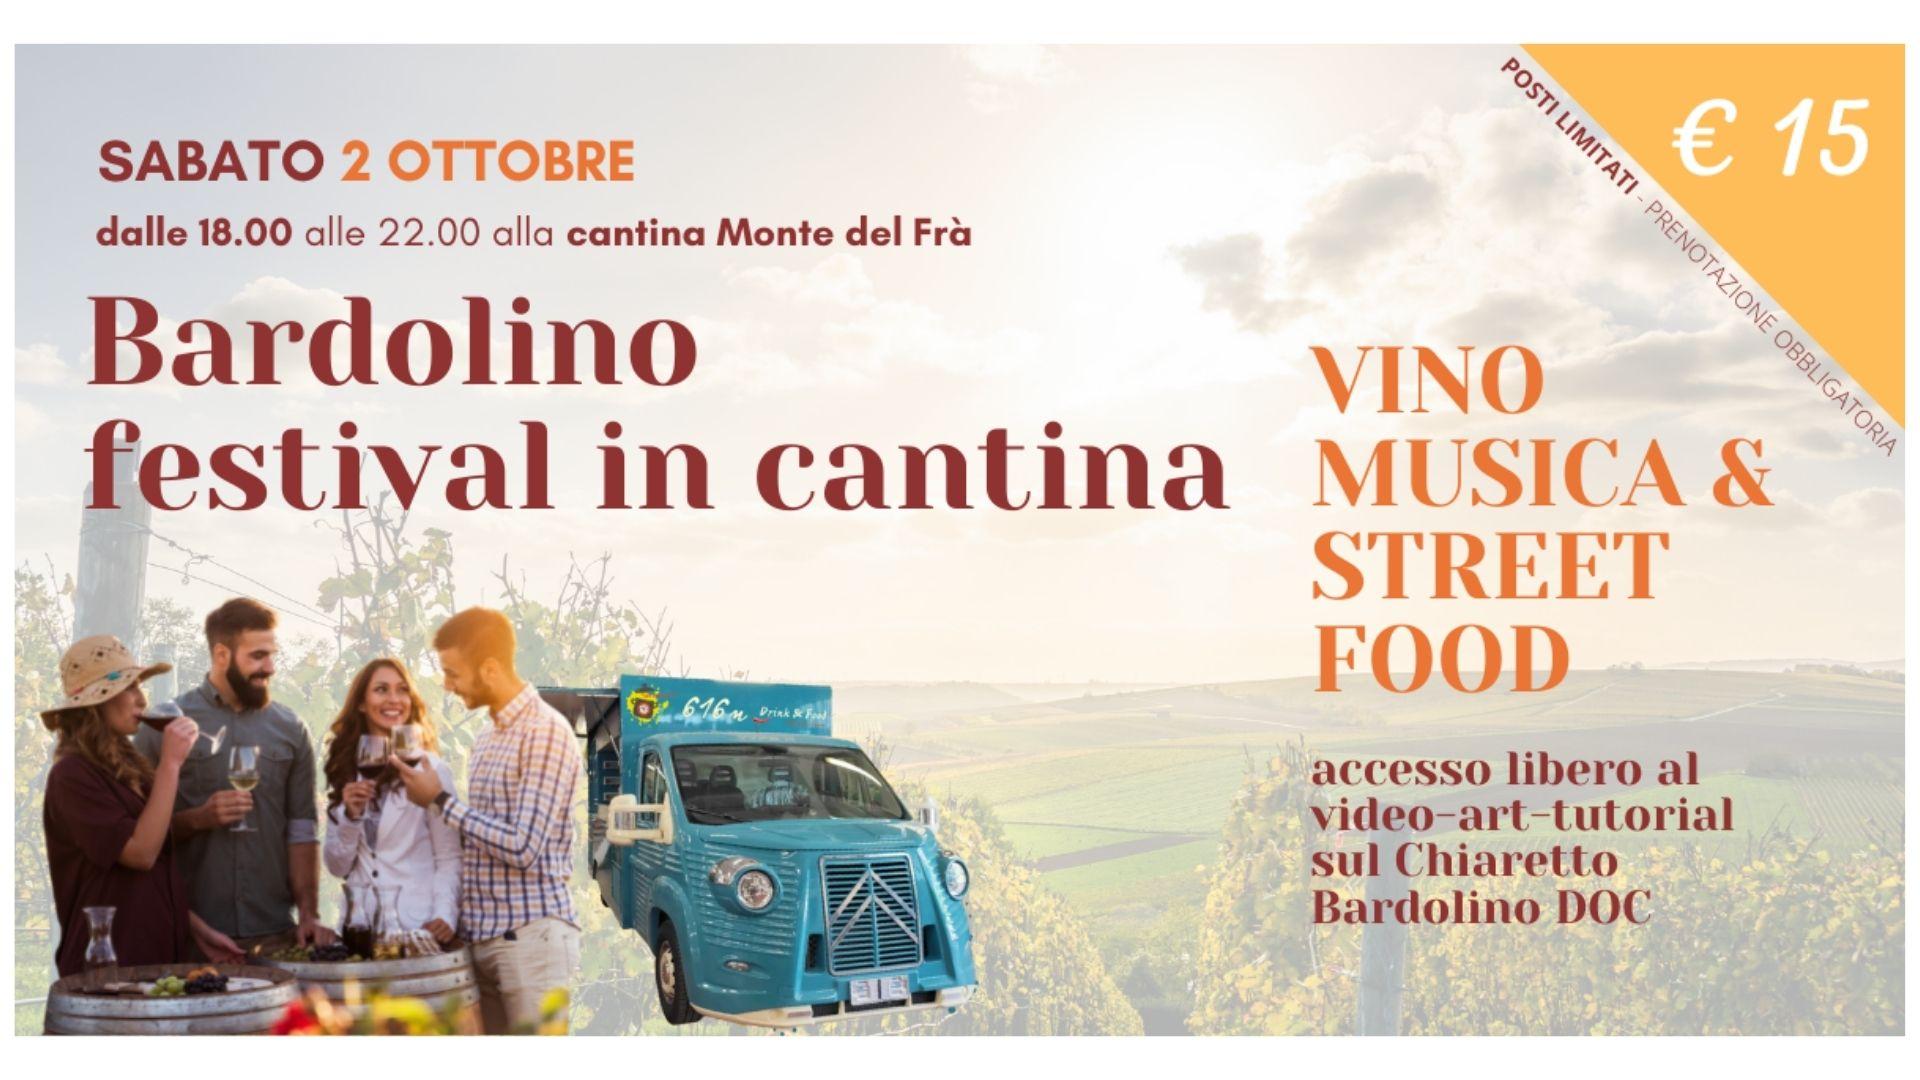 Cosa fare a Verona - Bardolino festival